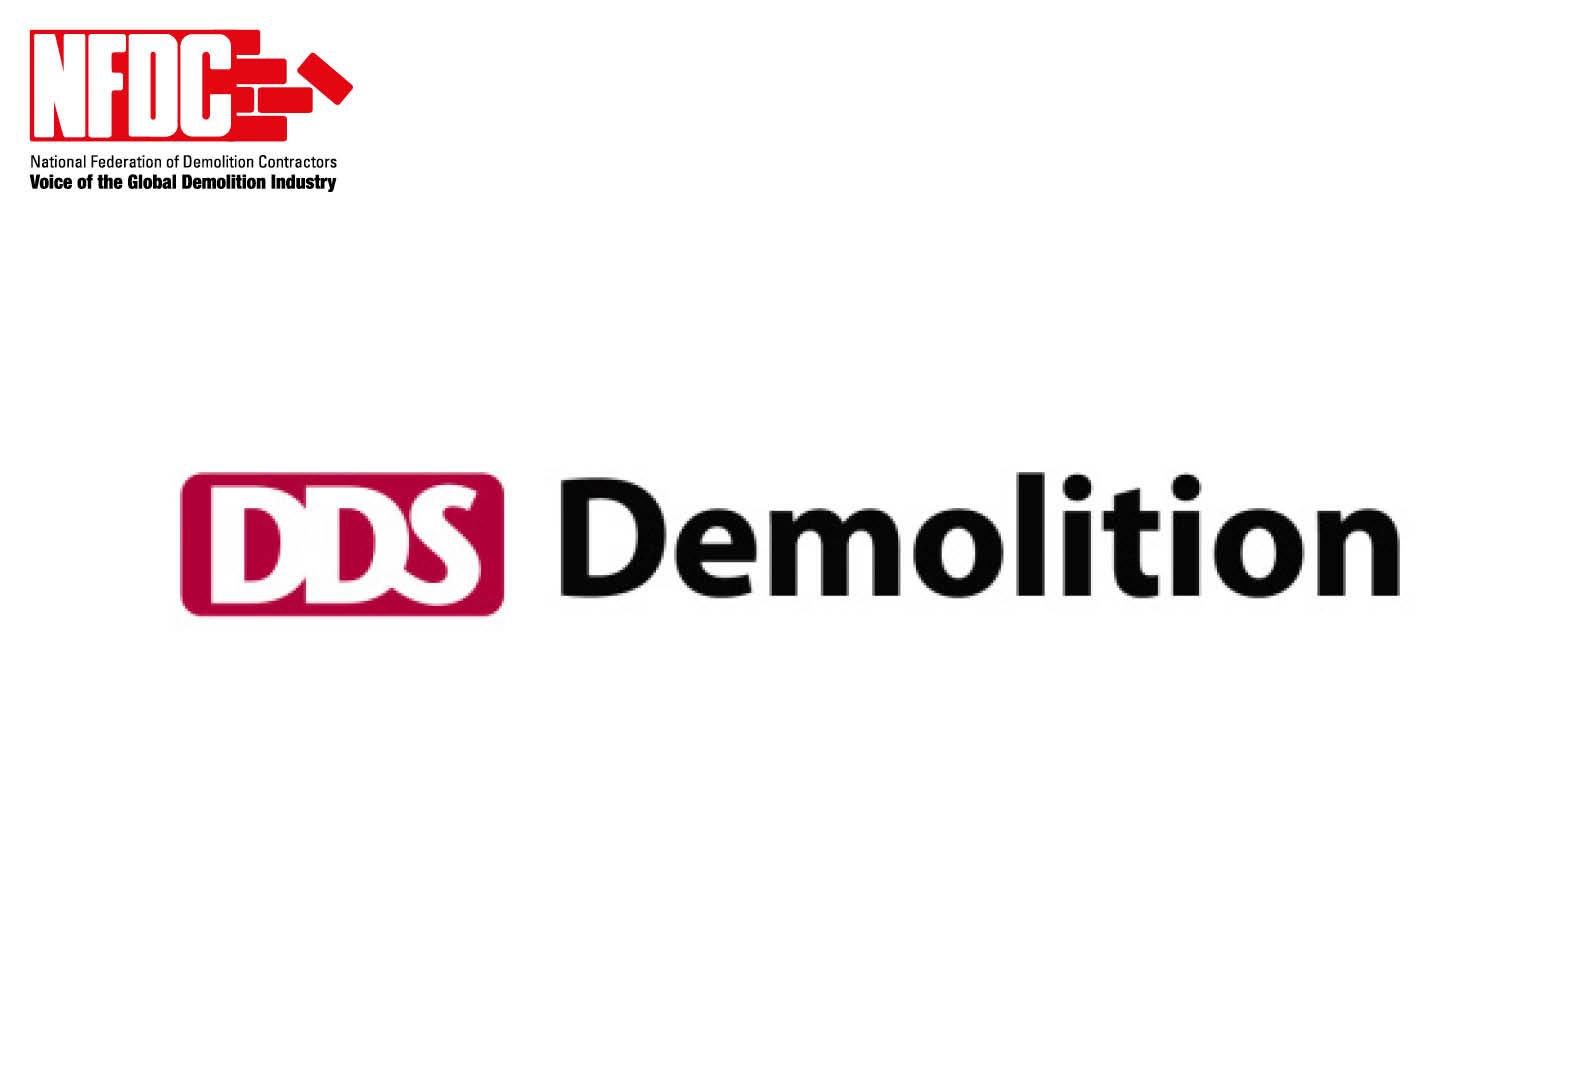 DDS Demolition